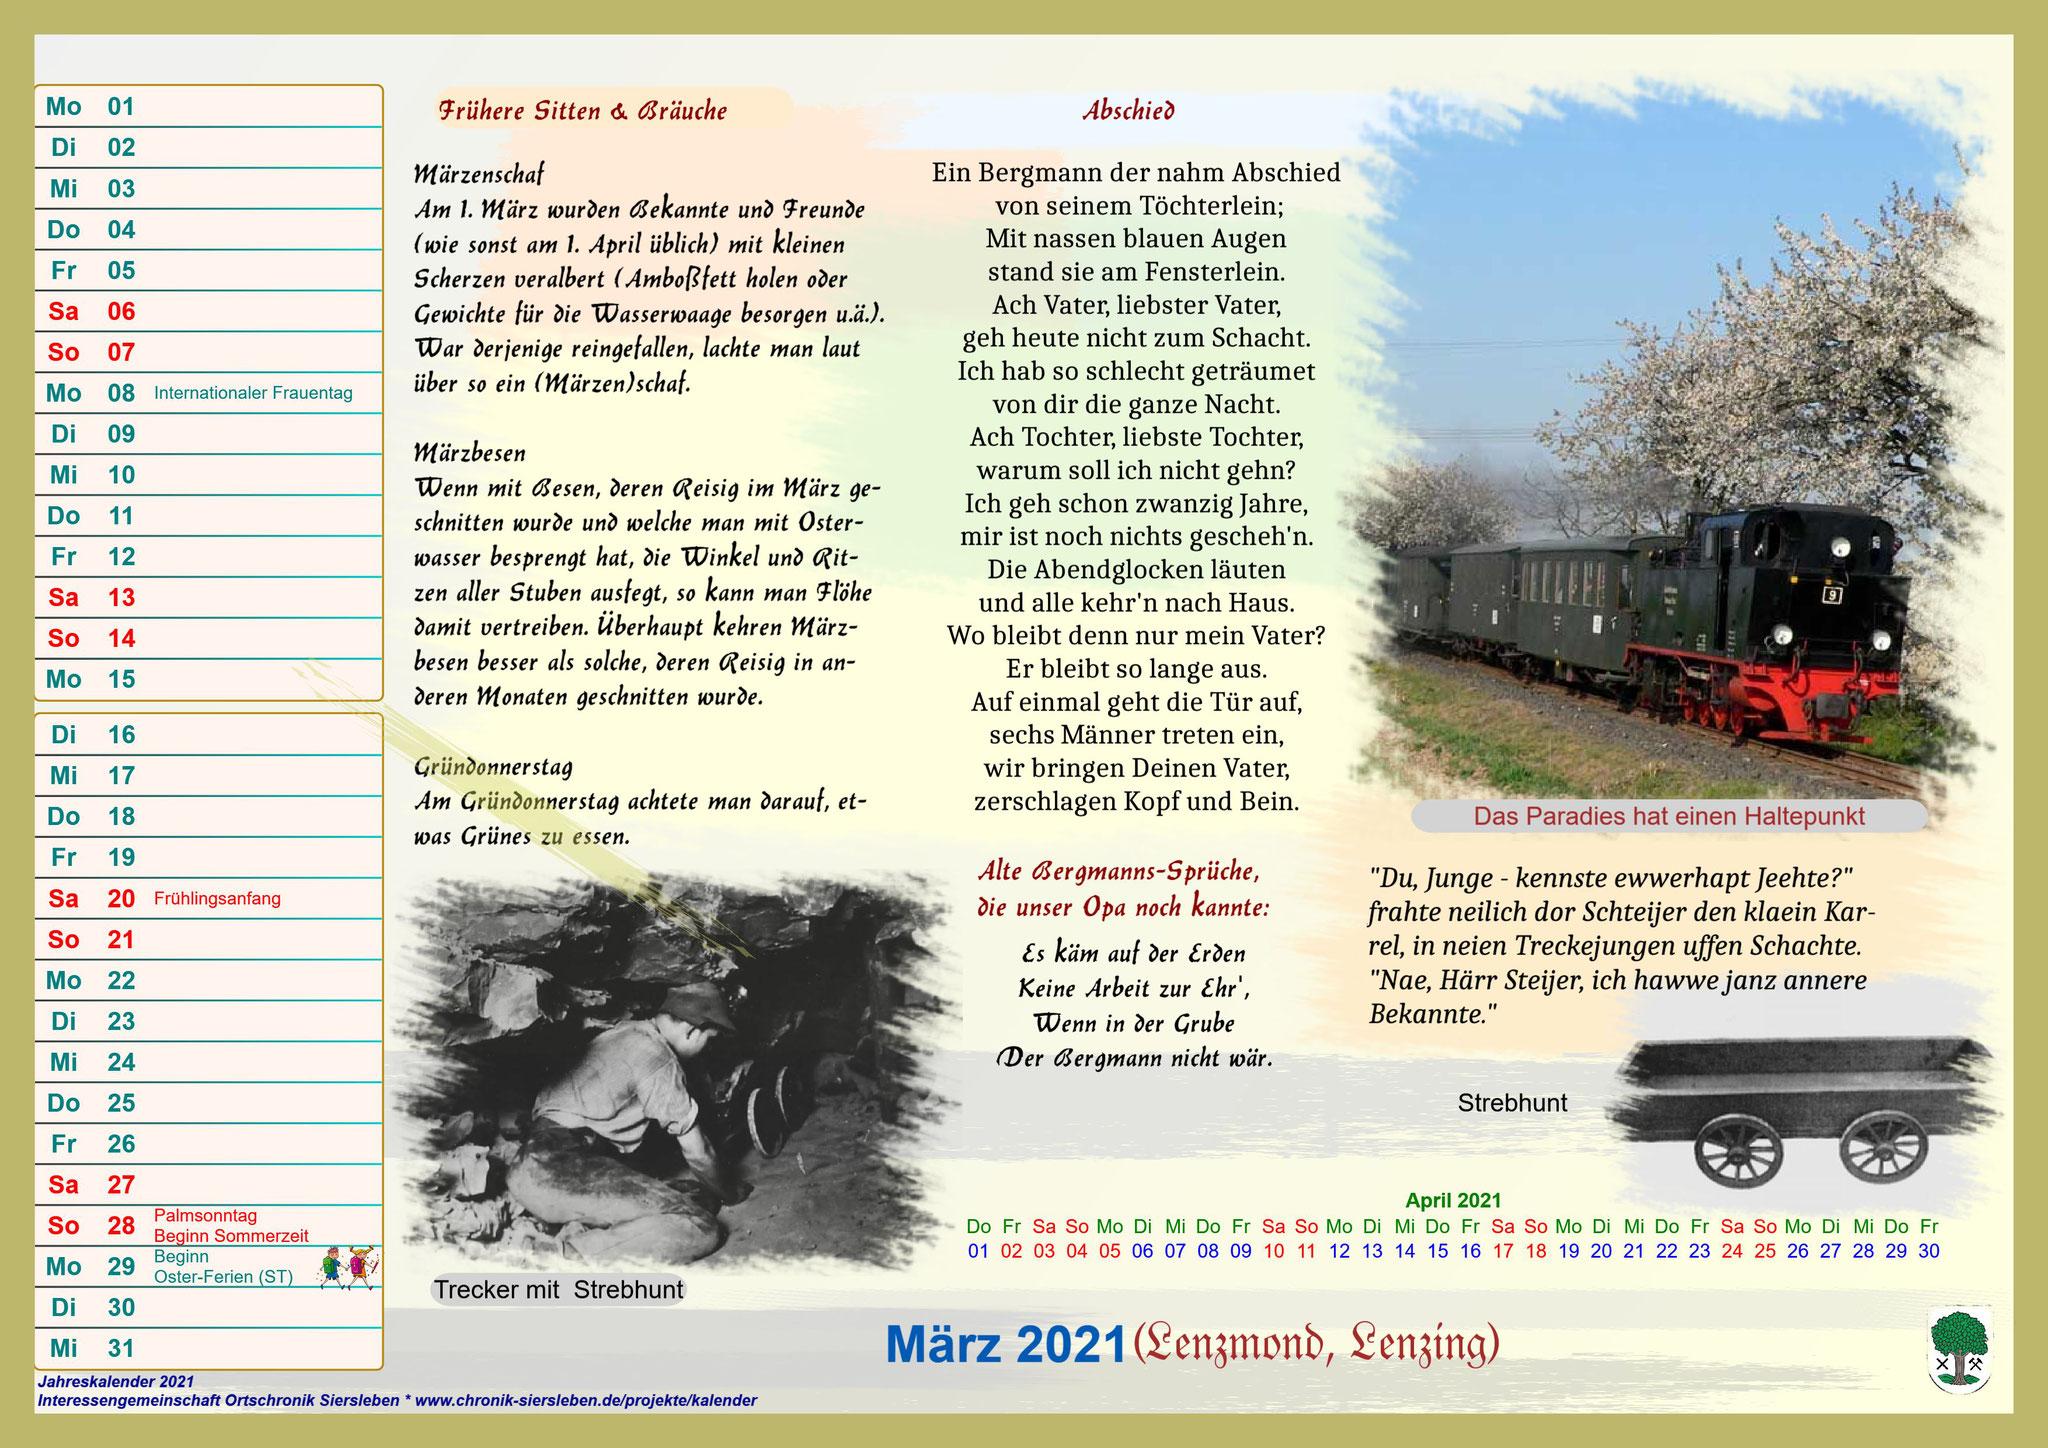 Jahreskalender 2021; März